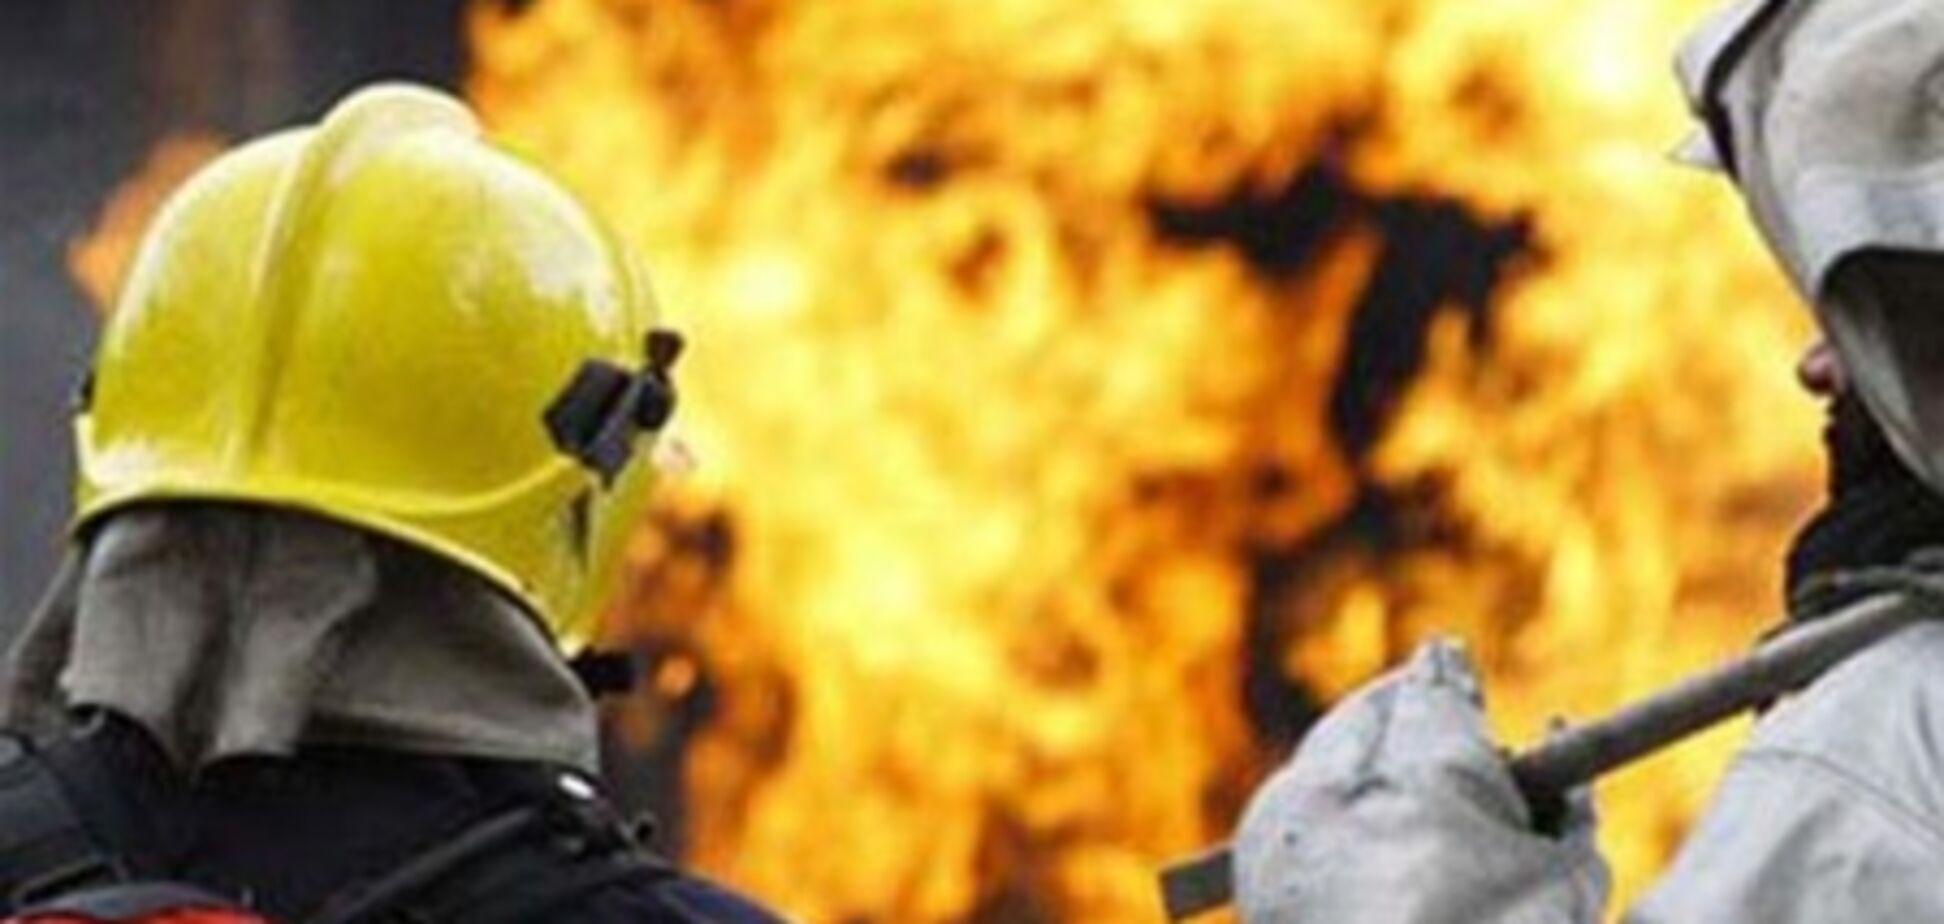 На Хмельнитчине на пожаре погибло трое людей